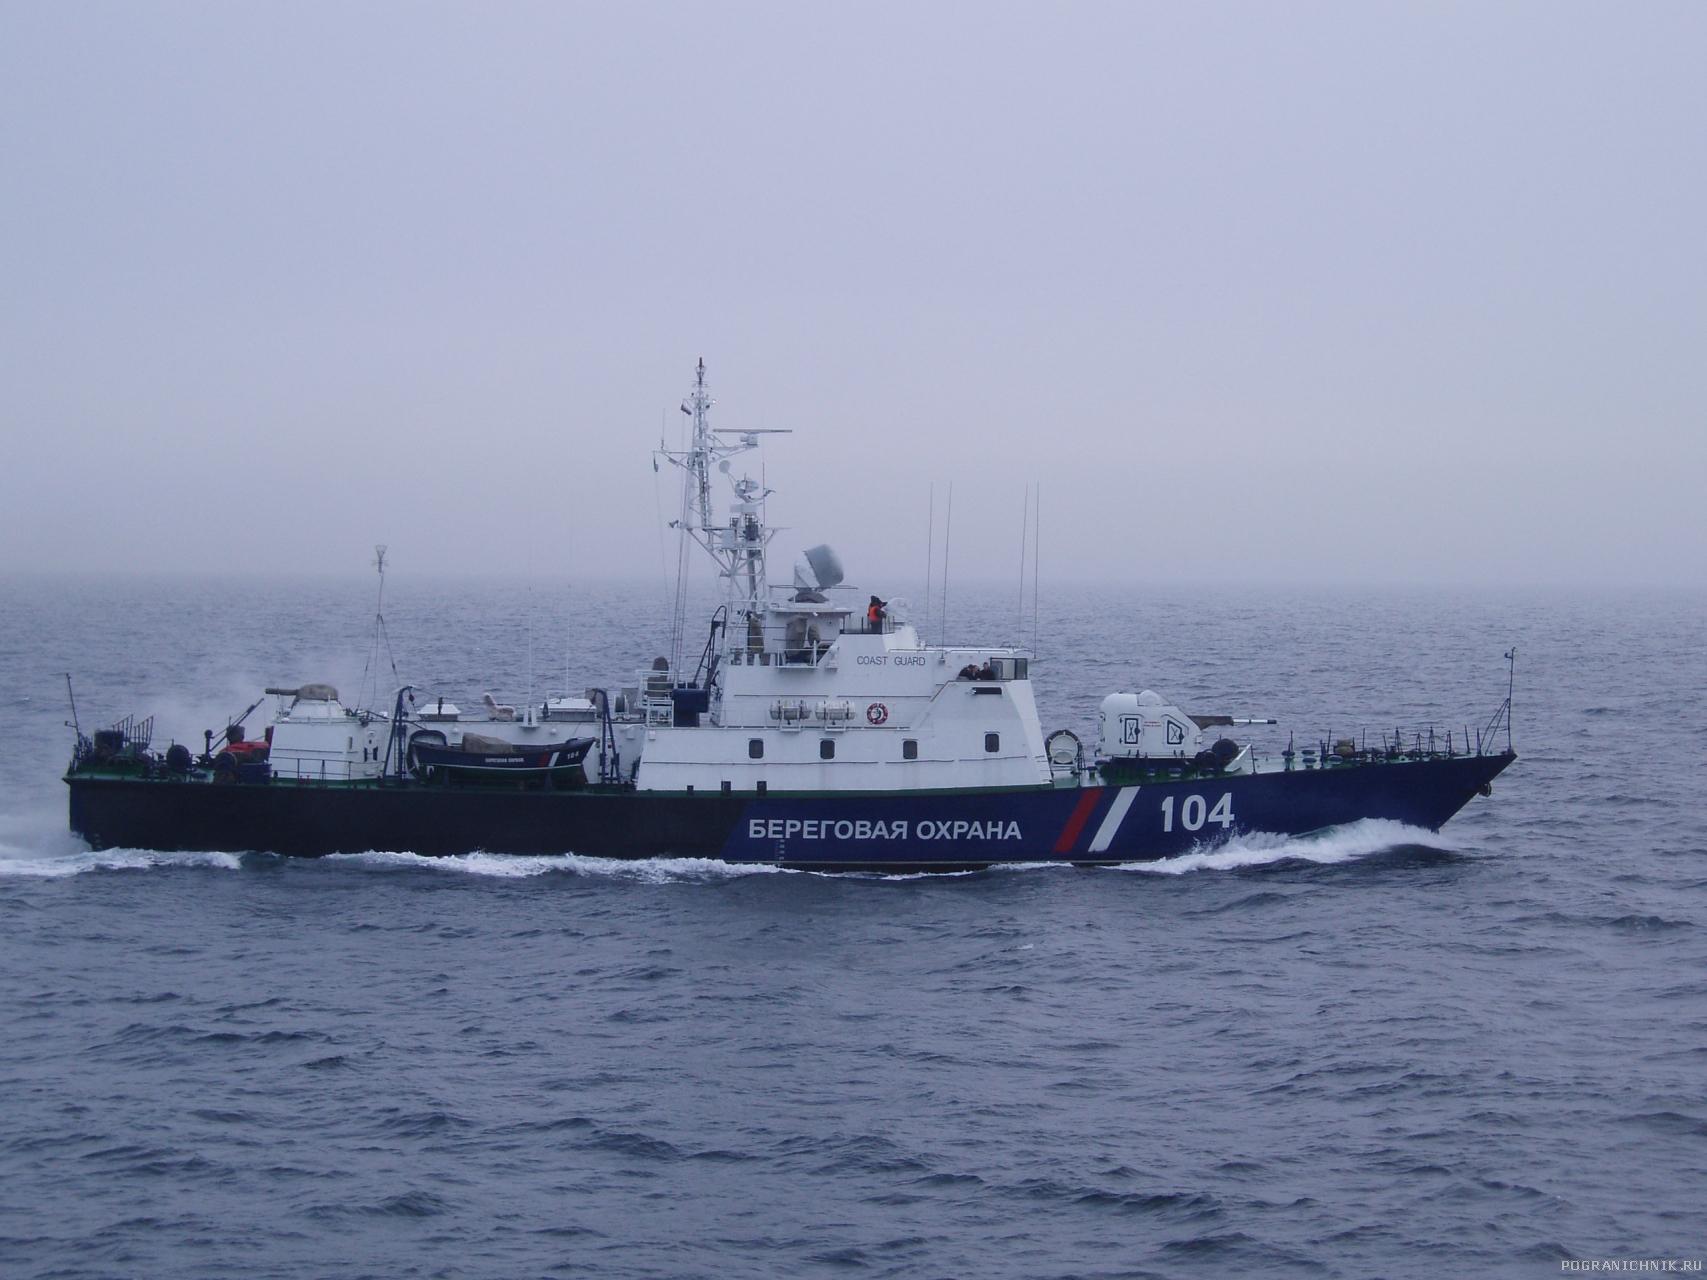 ПСКР-907